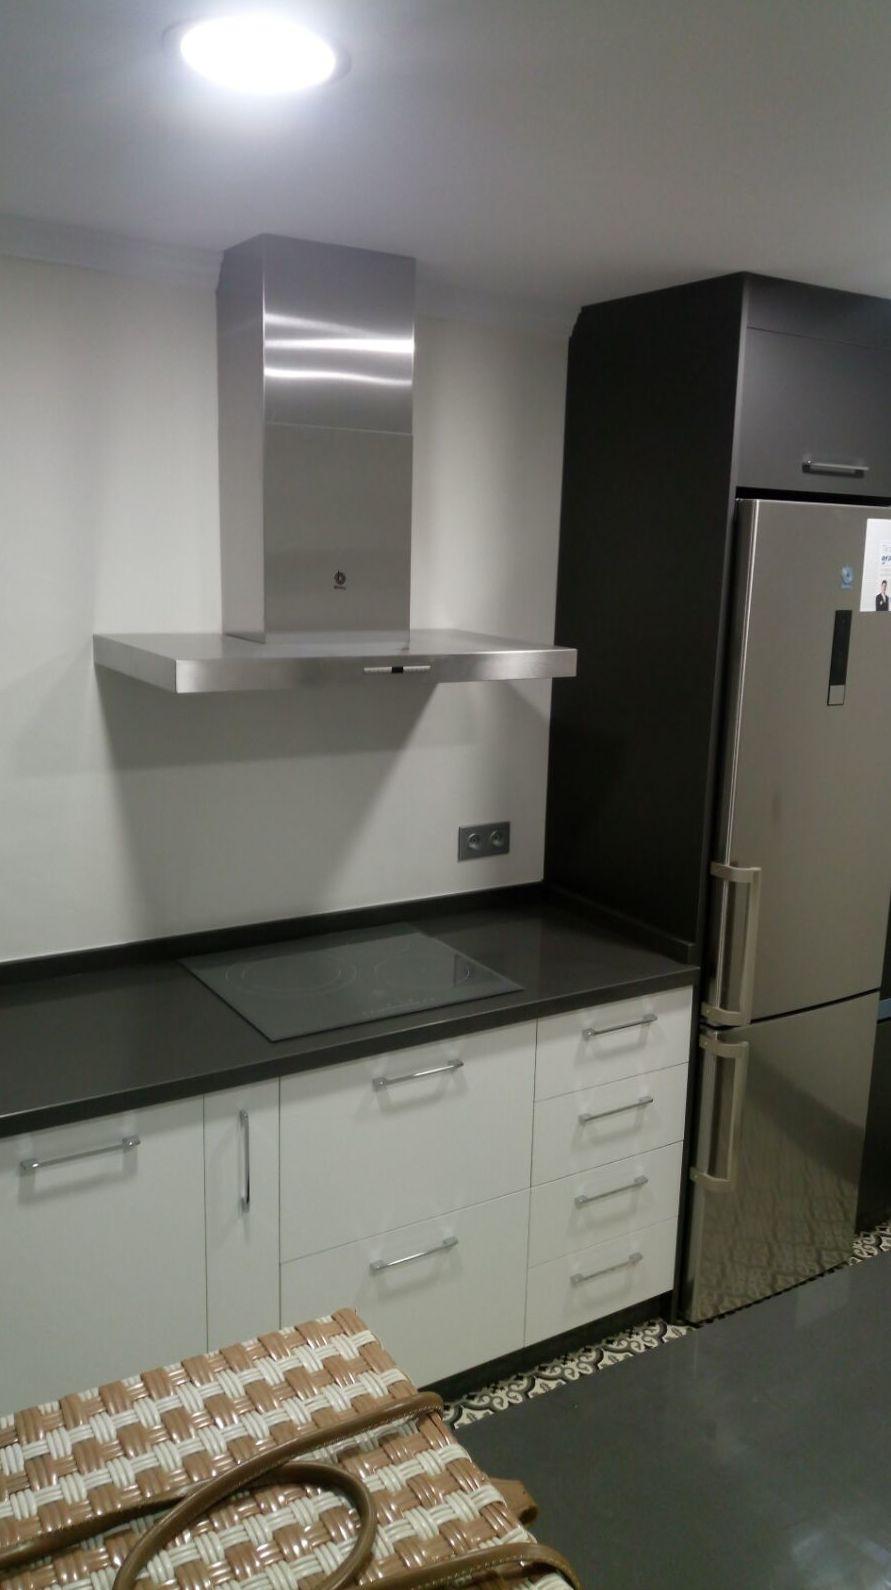 Foto 3 de Muebles a medida en Málaga | Mar Jiménez Diseño de Cocinas